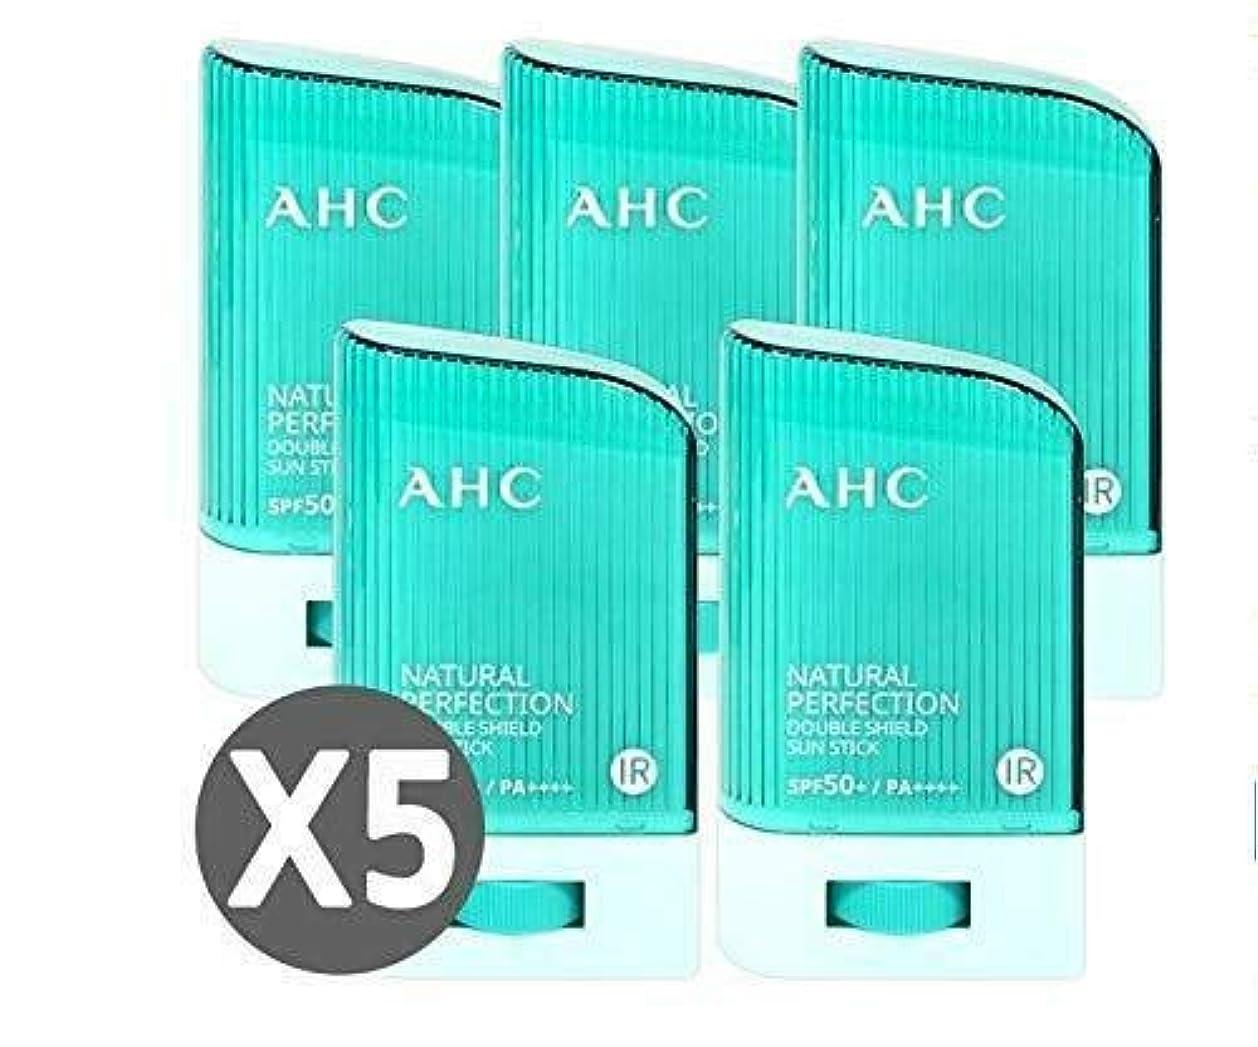 [ 5個セット ] AHC ナチュラルパーフェクションダブルシールドサンスティック 22g, Natural Perfection Double Shield Sun Stick SPF50+ PA++++